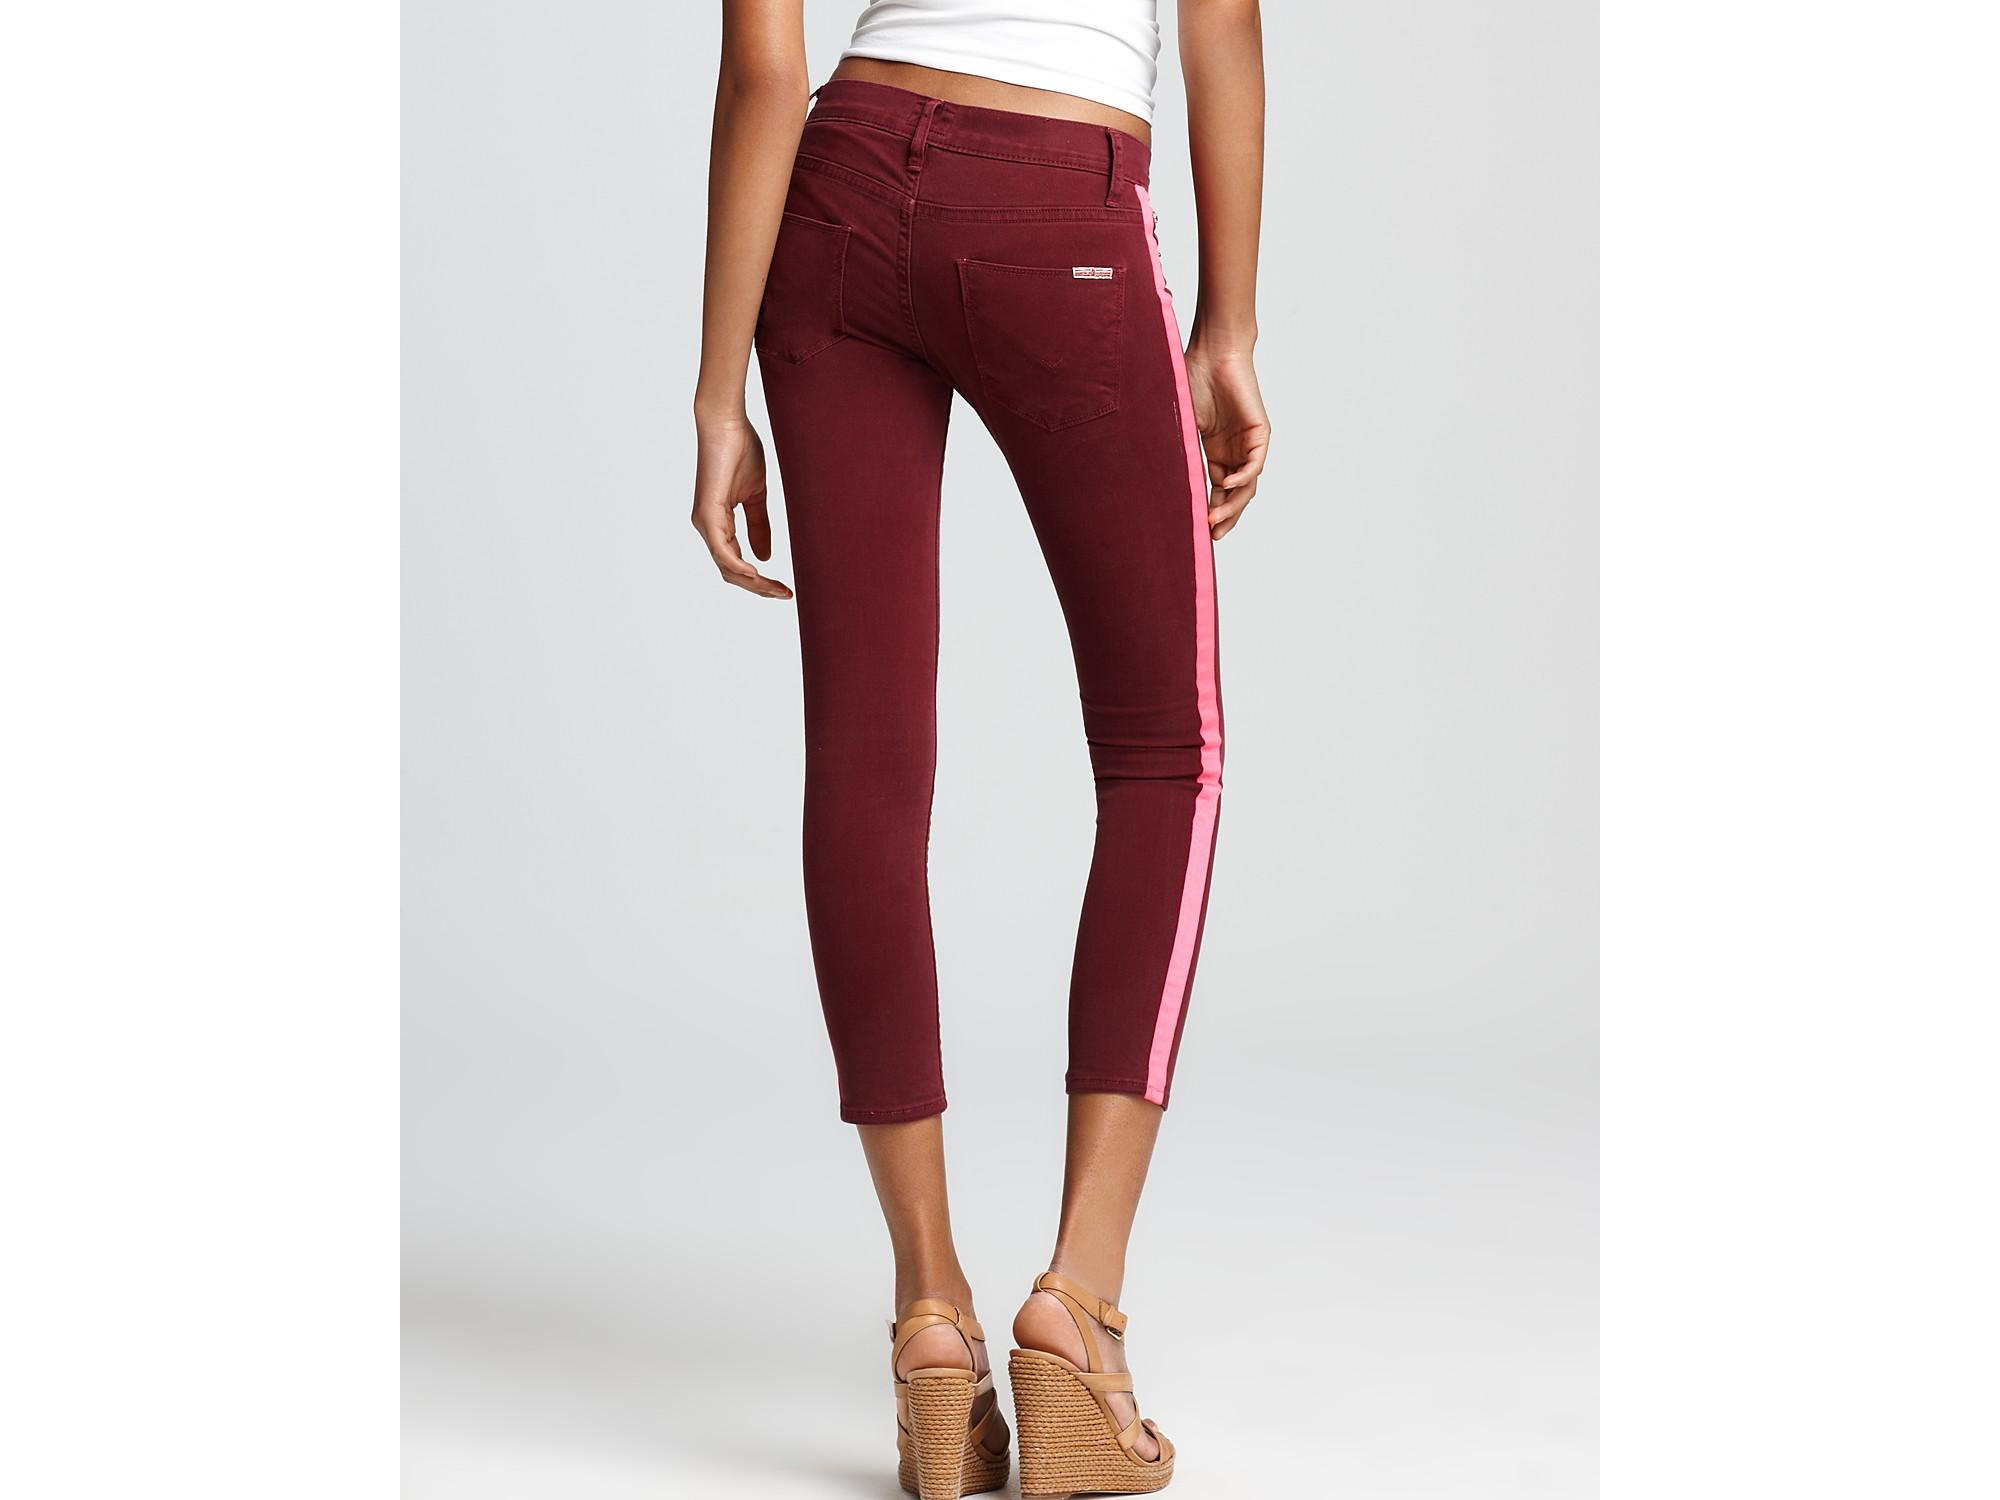 115adda74ae Hudson Jeans Tuxedo Stripe Crop Skinny Jeans in Manson in Purple - Lyst